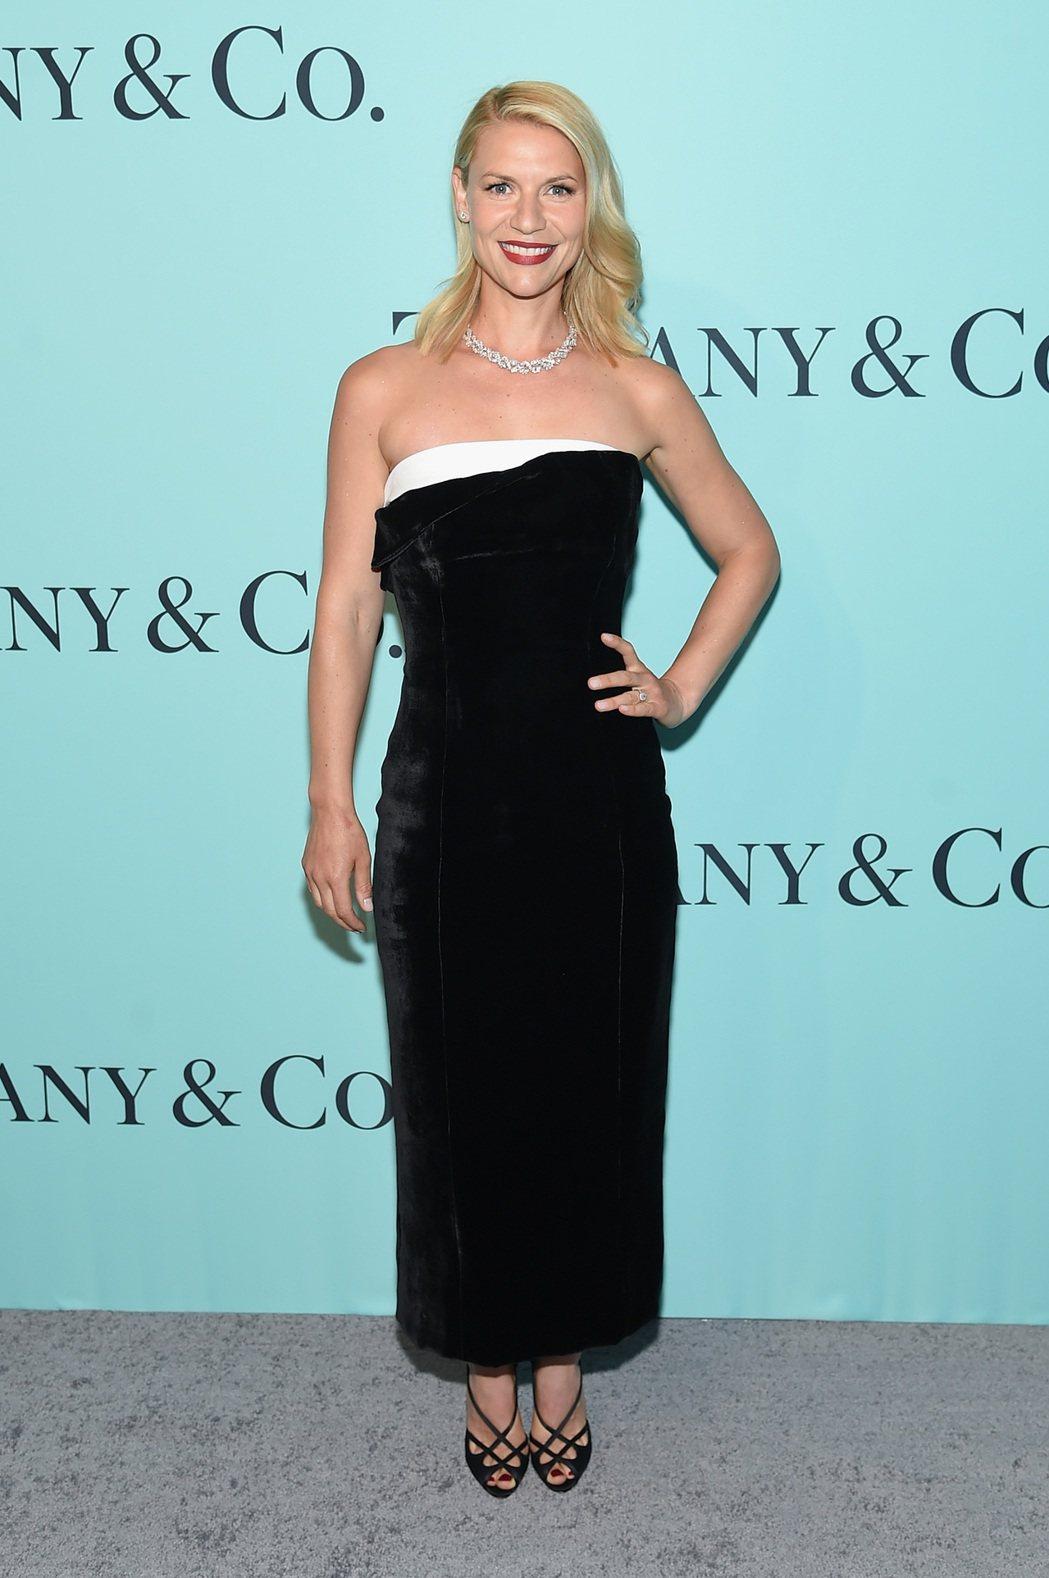 克萊兒丹妮絲黑白配色禮服搭配Tiffany鑽飾,氣質高雅。圖/Tiffany提供